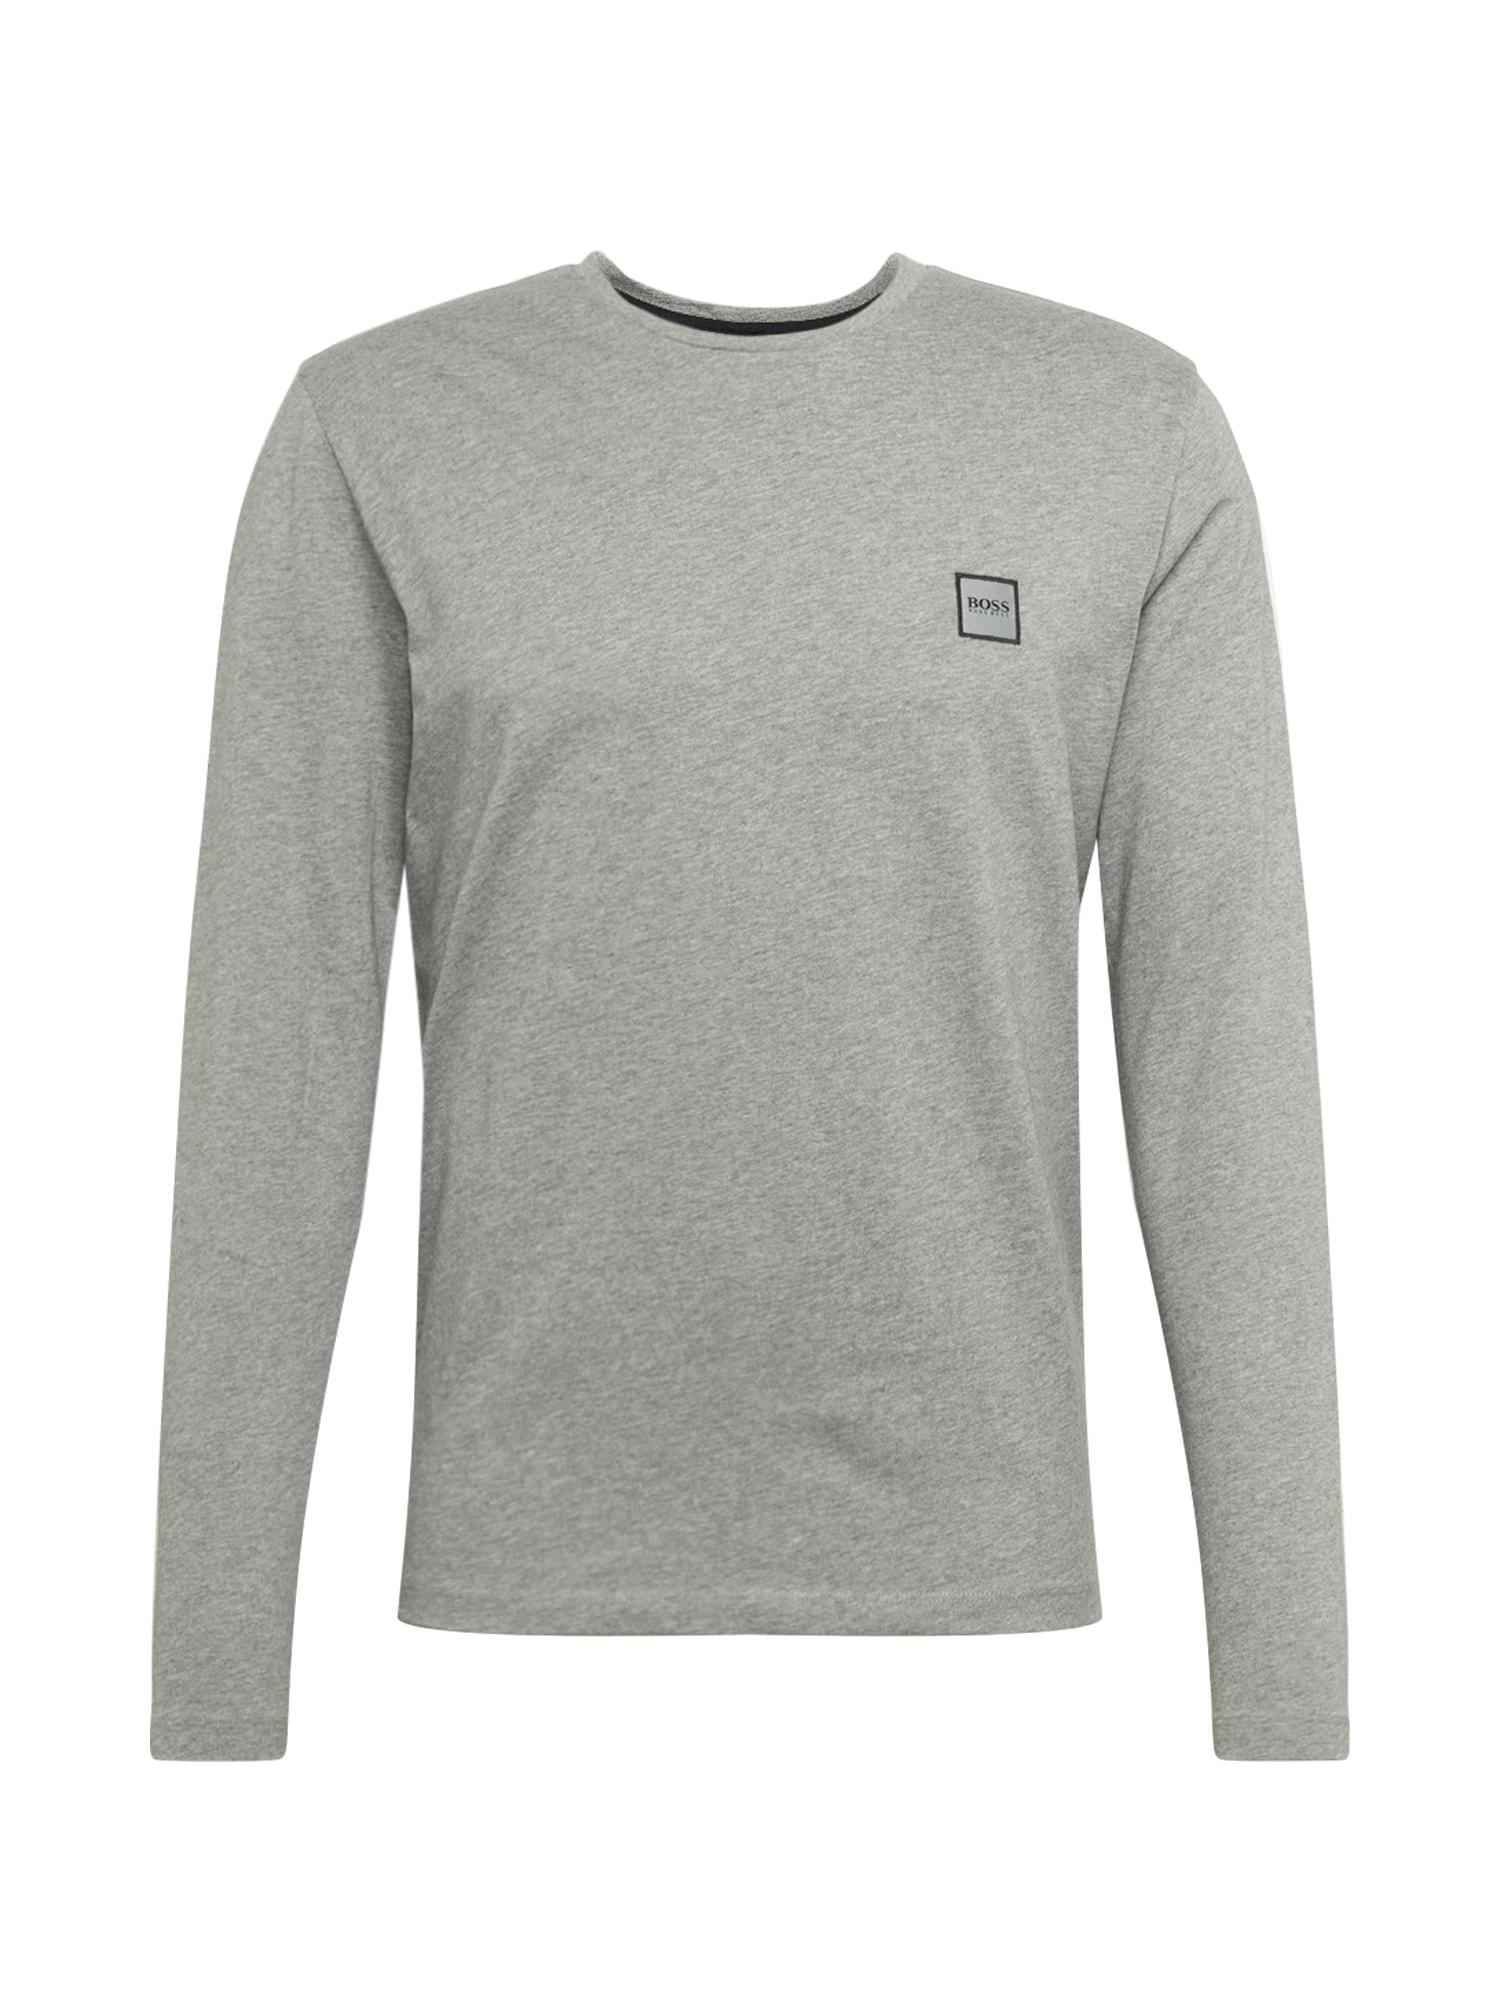 BOSS Marškinėliai 'Tacks' šviesiai pilka